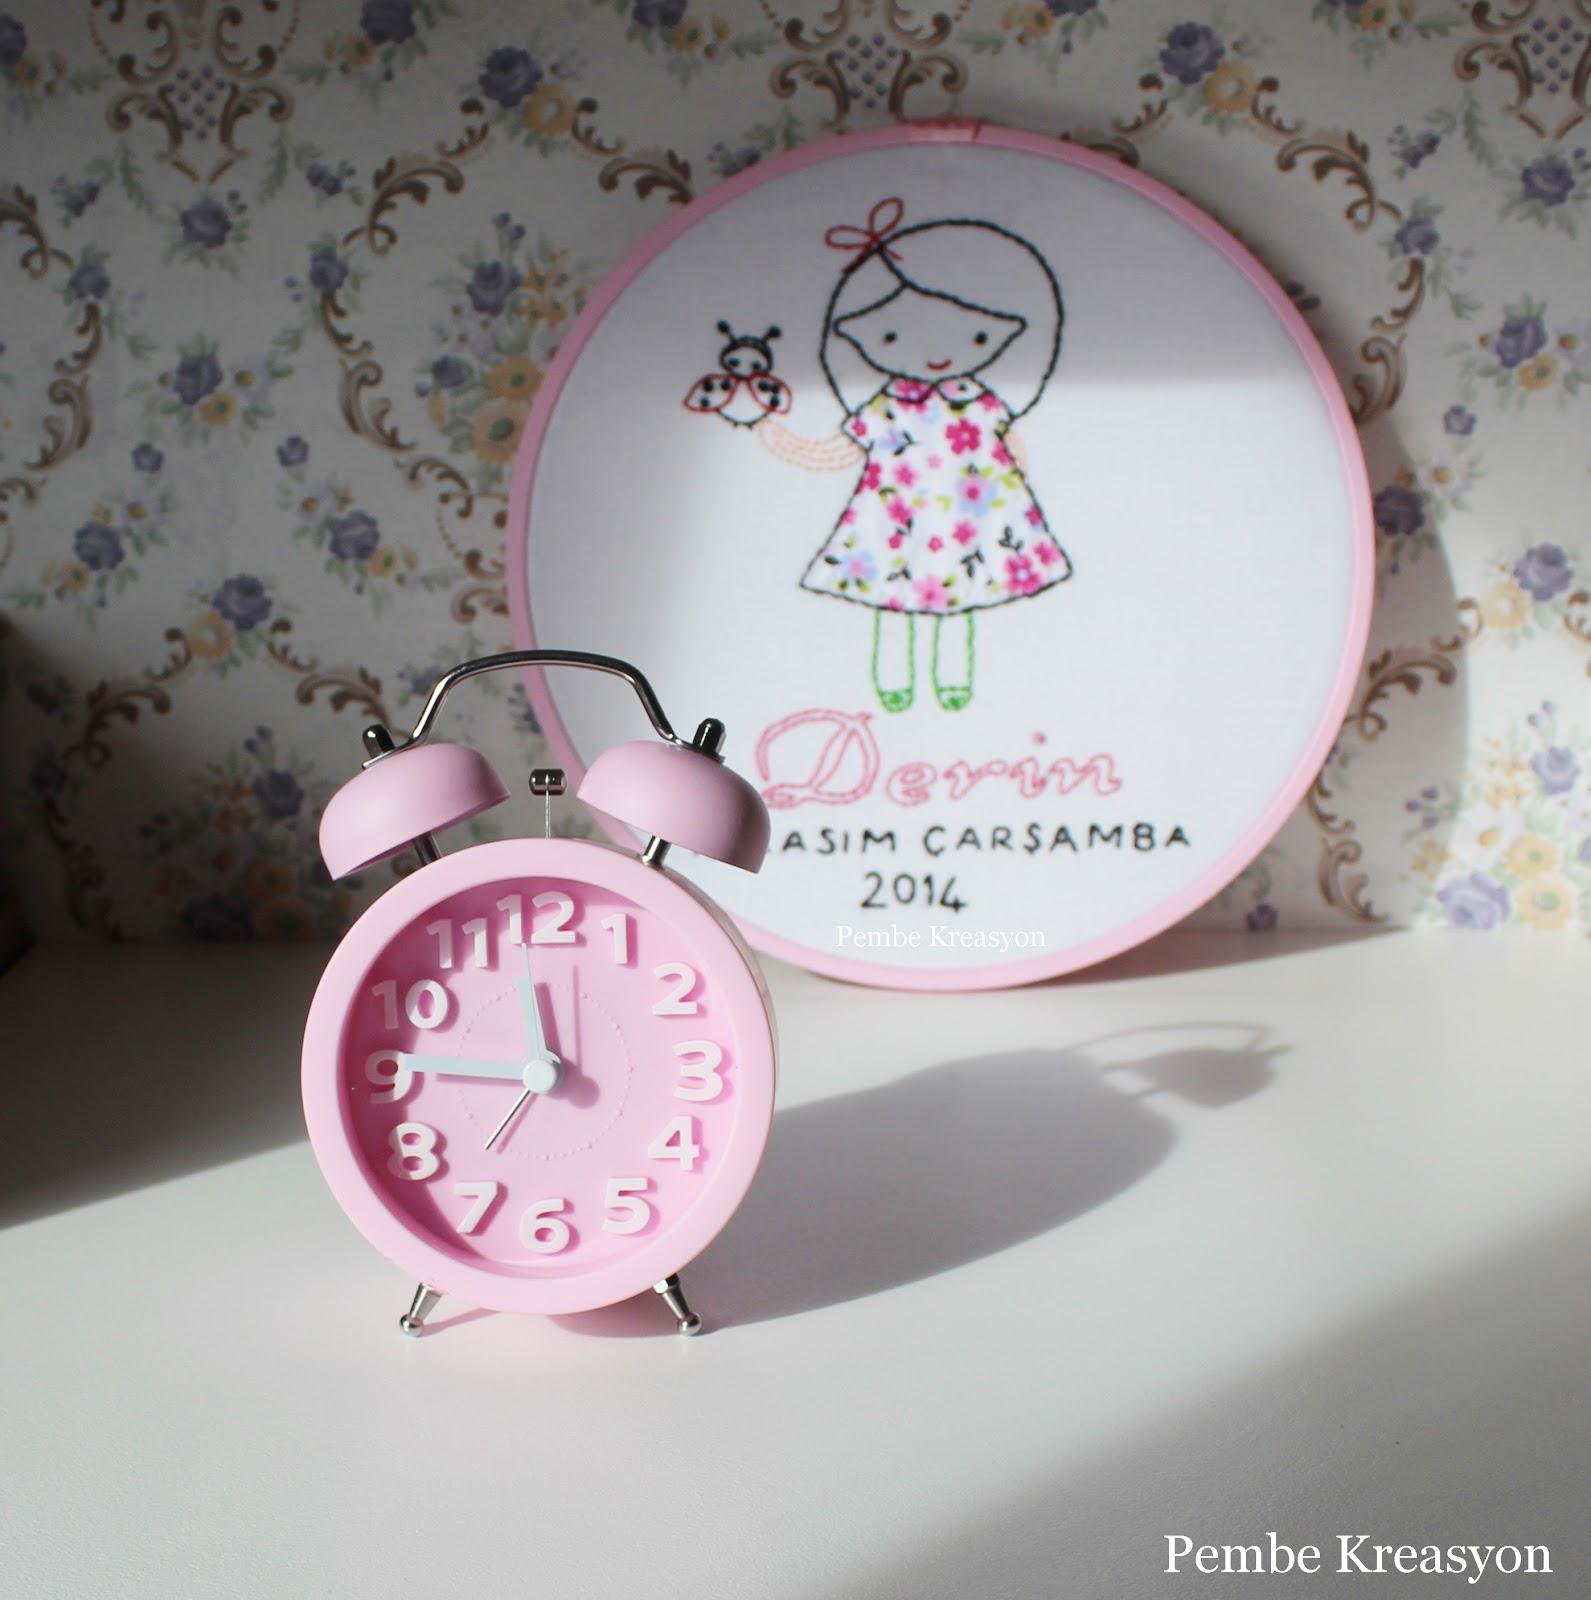 Bebek odaları için kasnak pano, nakış nasıl yapılır, embroidery do it, embroidery pattern, brezilya nakışı, isimli bebek odası kapı süsü, bebekler için hediyeler, aplike